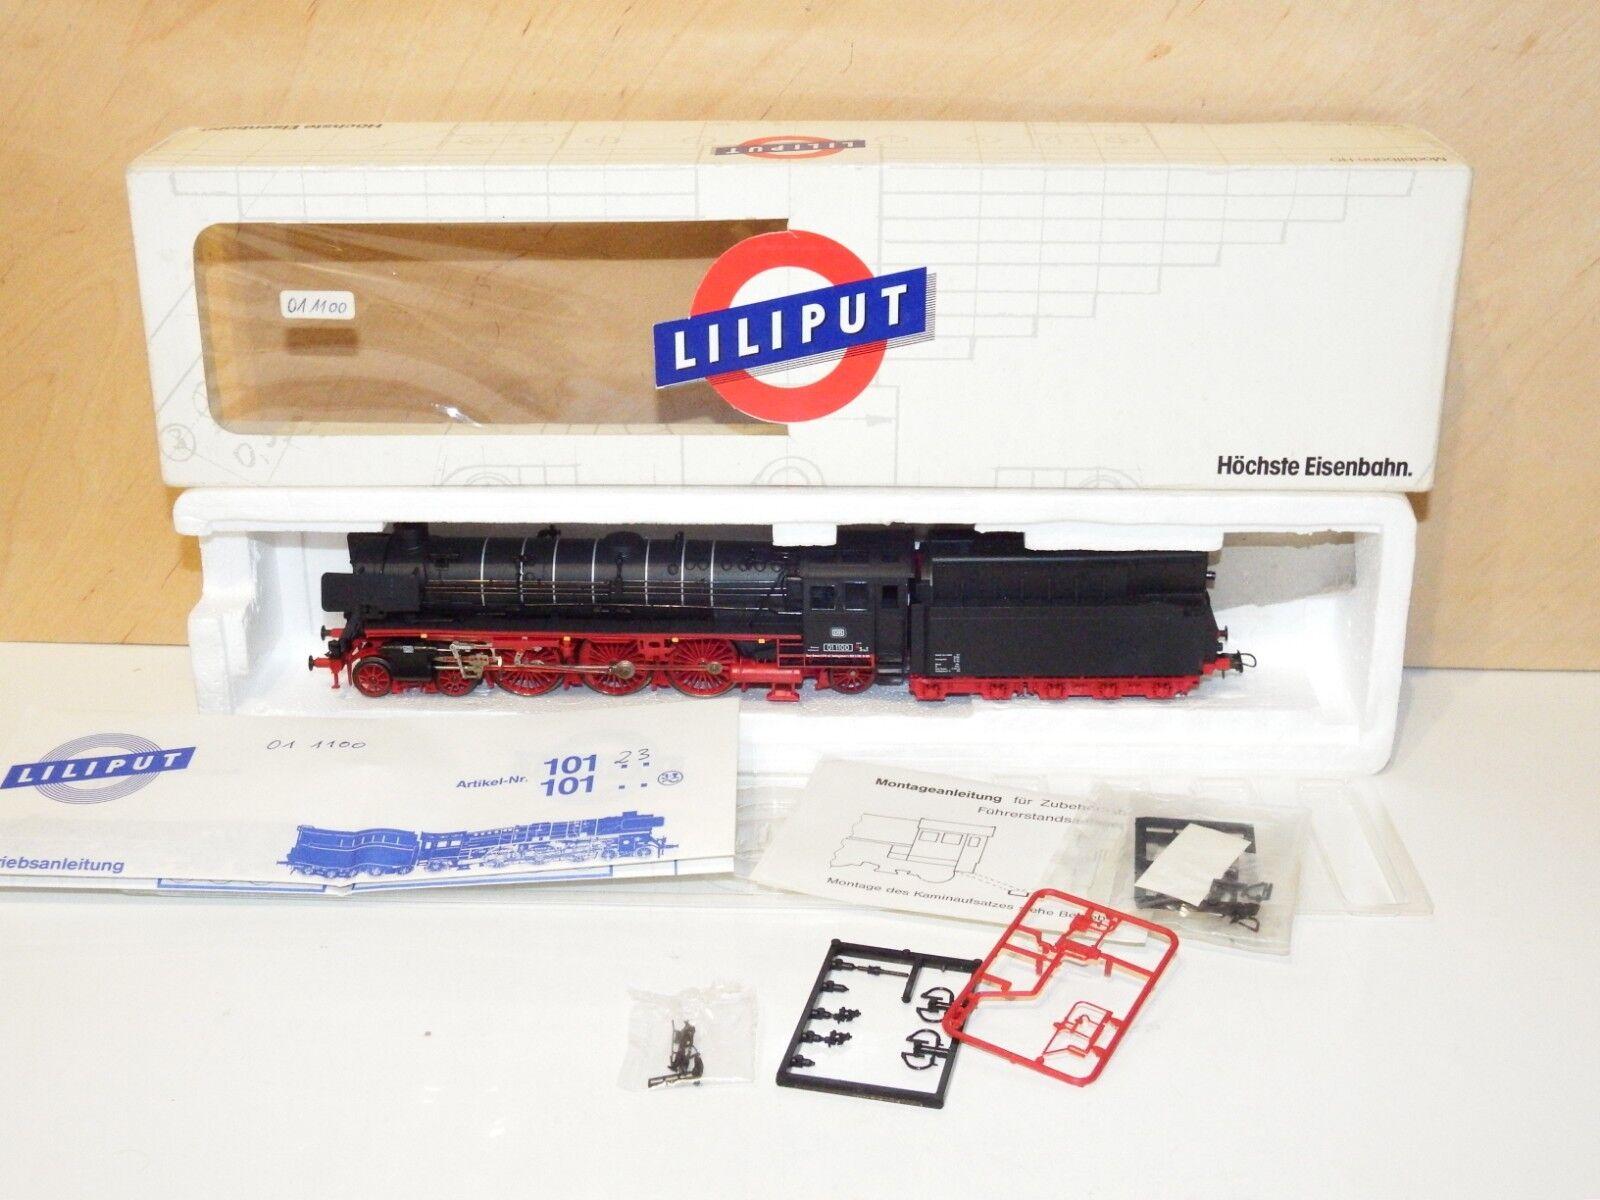 H0 Liliput 10123 LOCOMOTIVA DB BR 01 1100 come nuovo OVP 2850